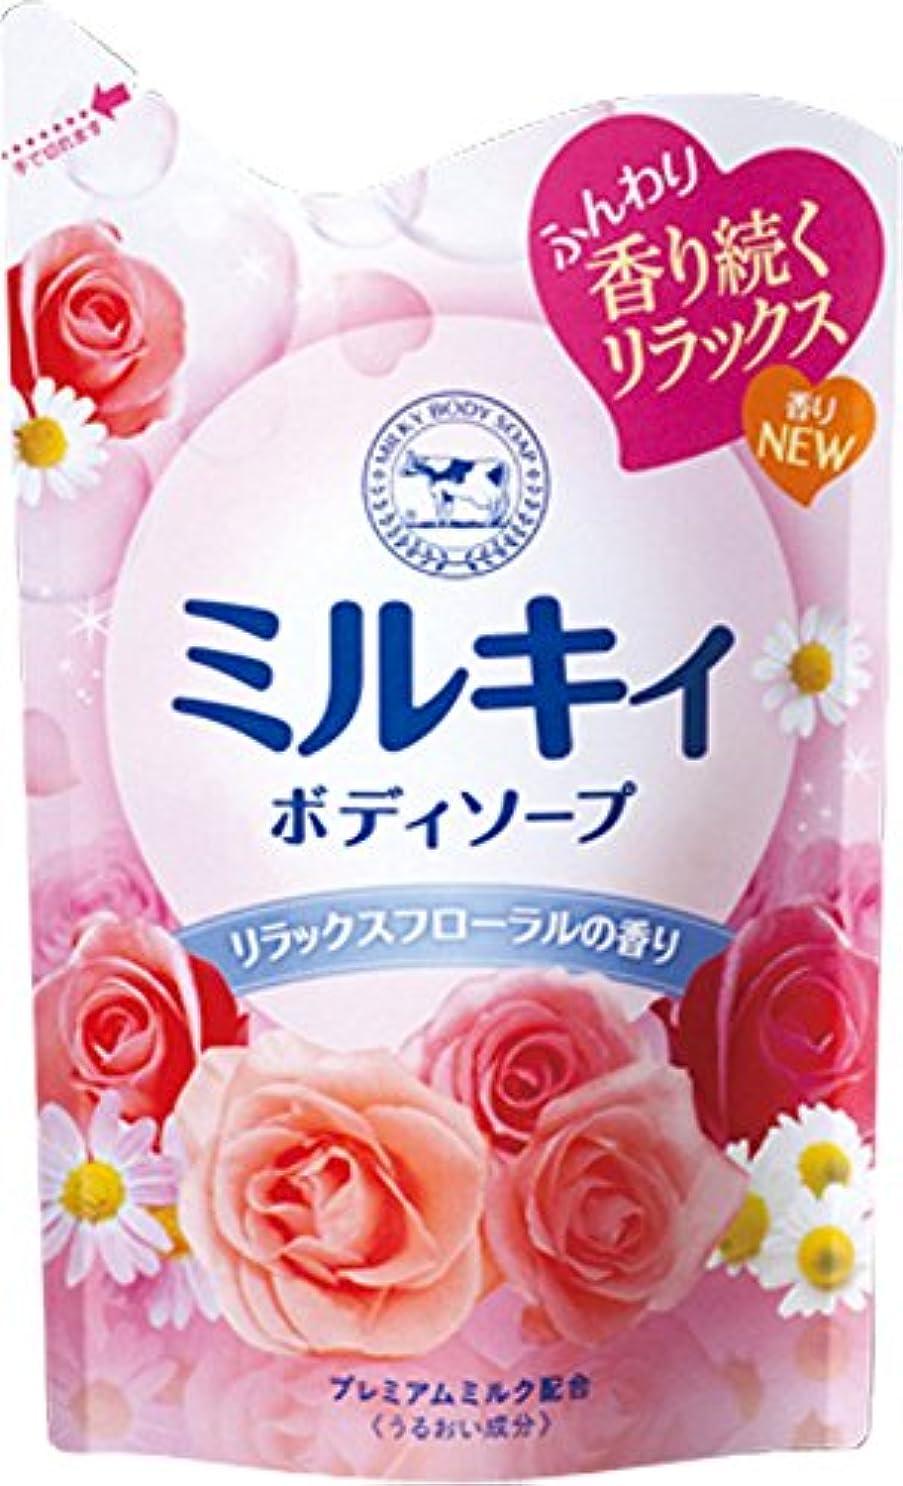 普遍的な最大持参ミルキーボディソープリラックスフローラルの香り 詰替 430ML